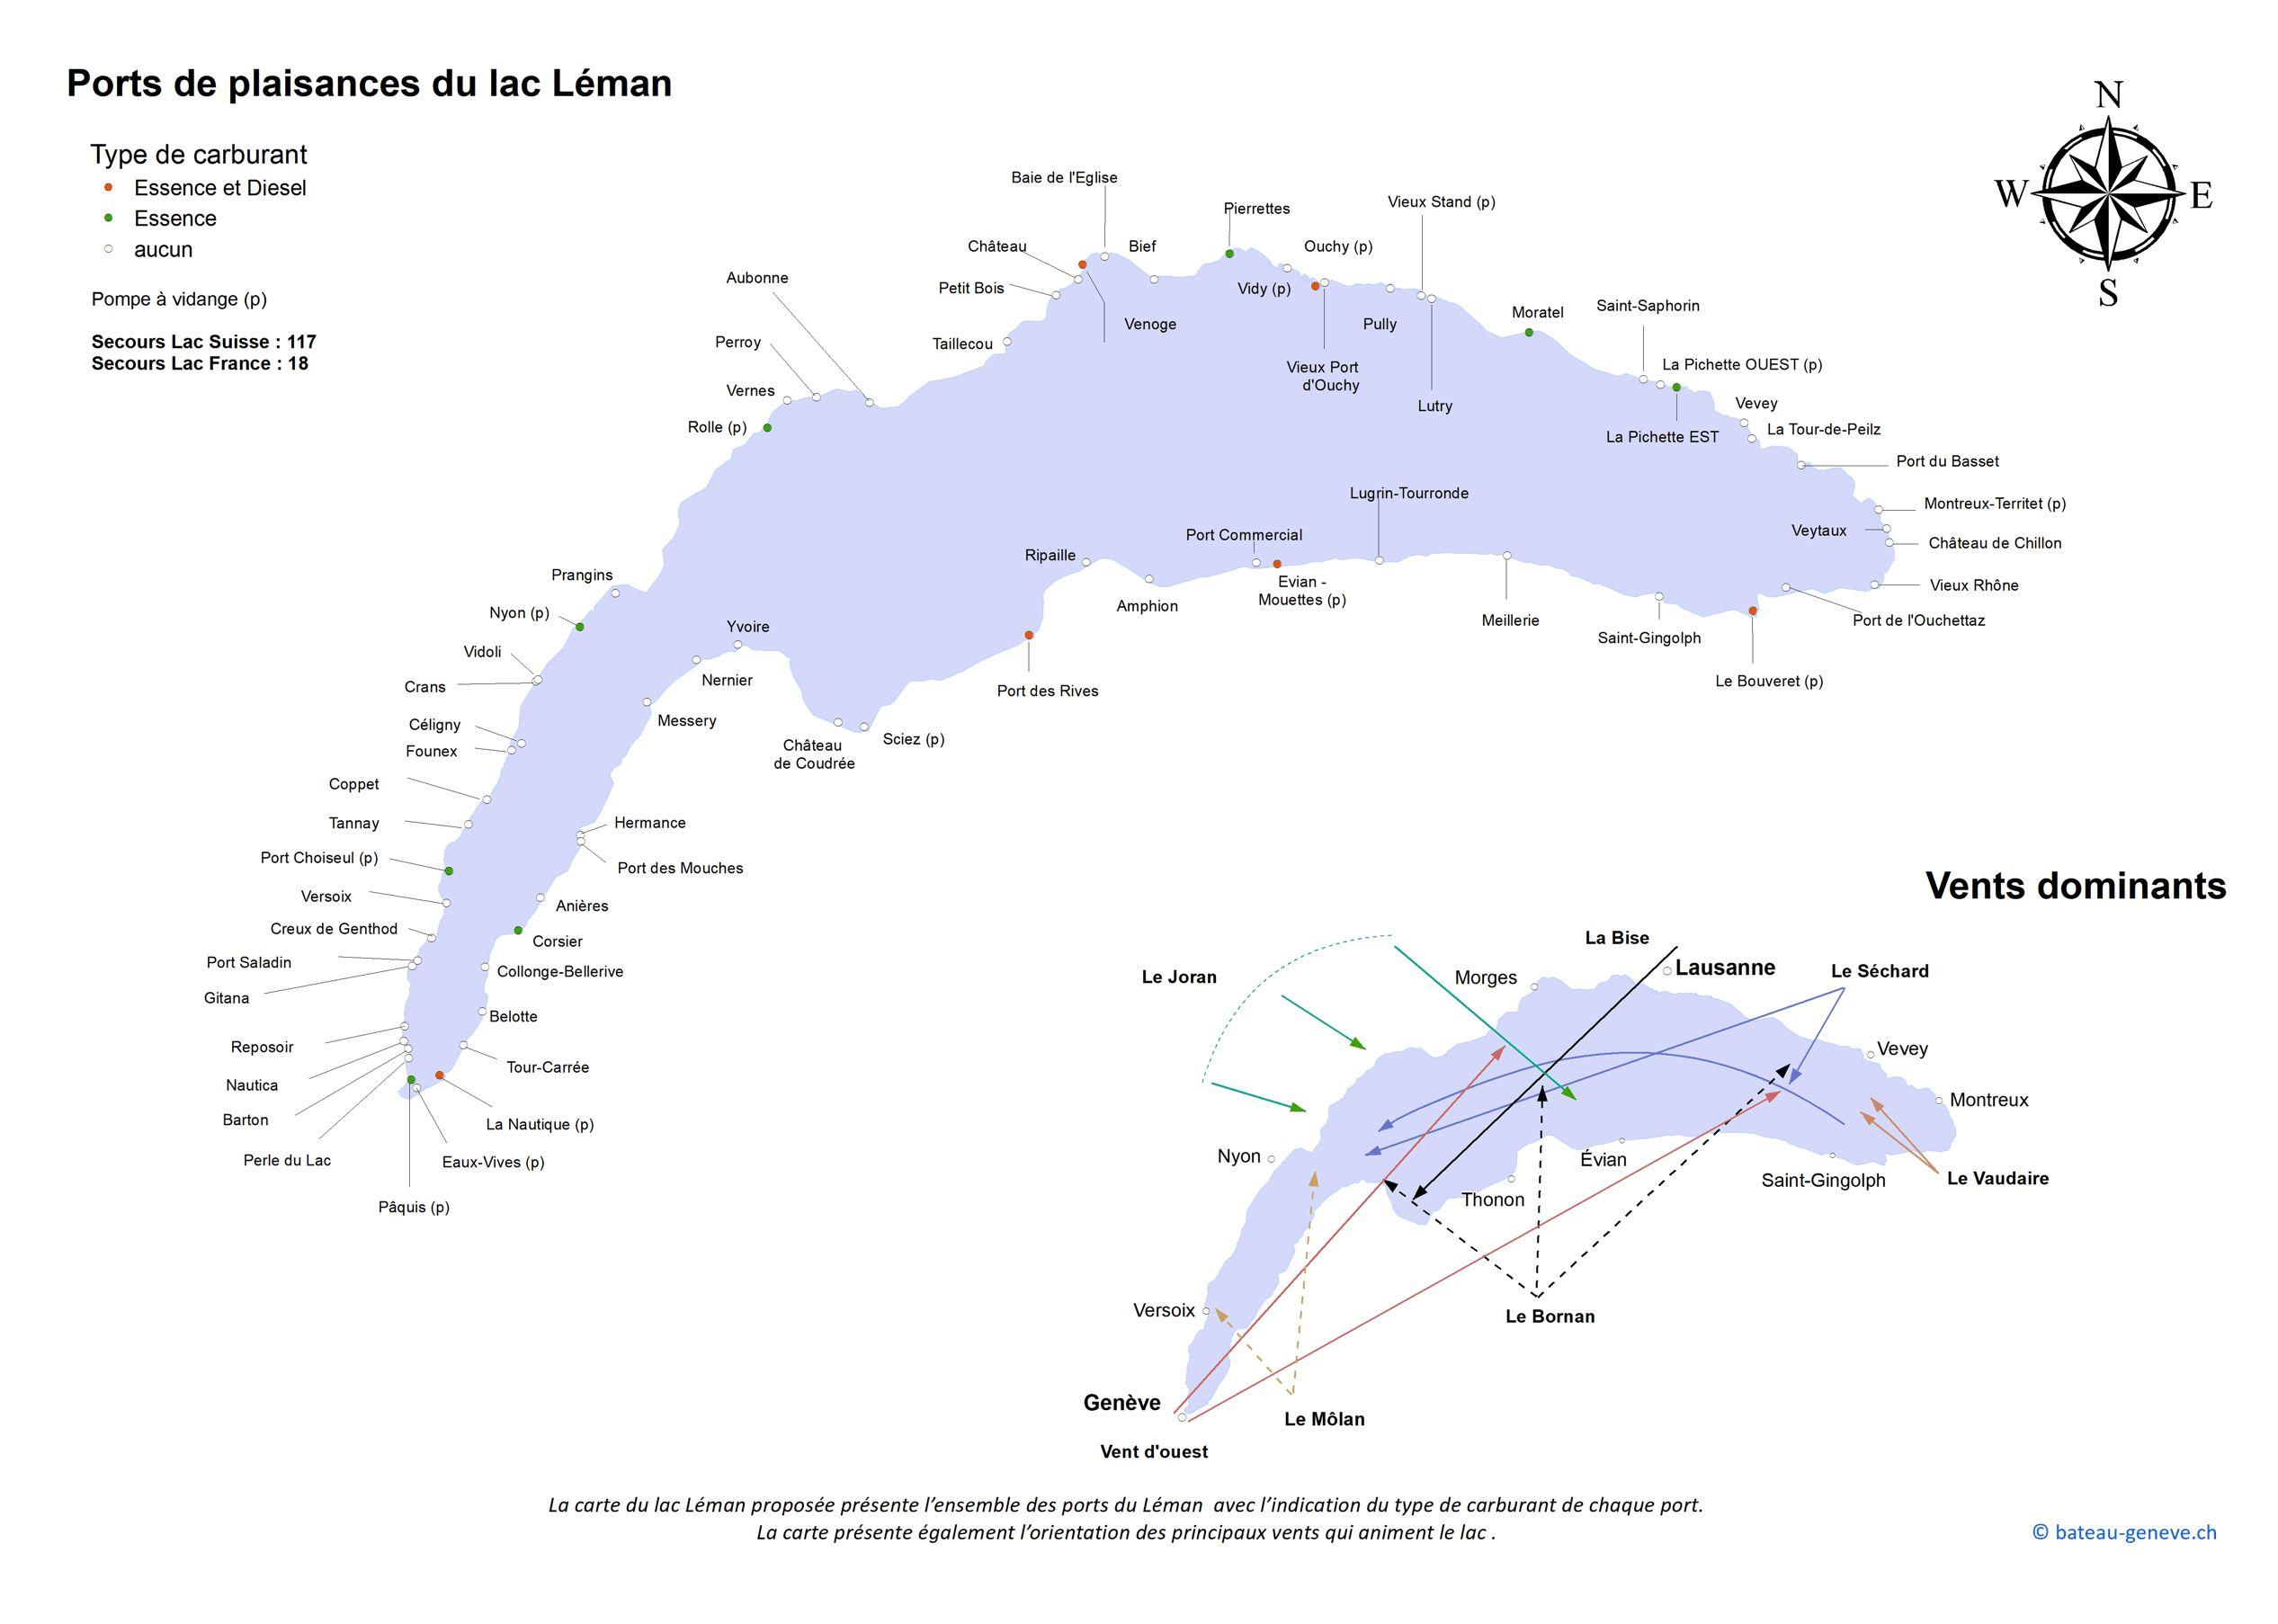 La carte des ports et des vents du lac Léman